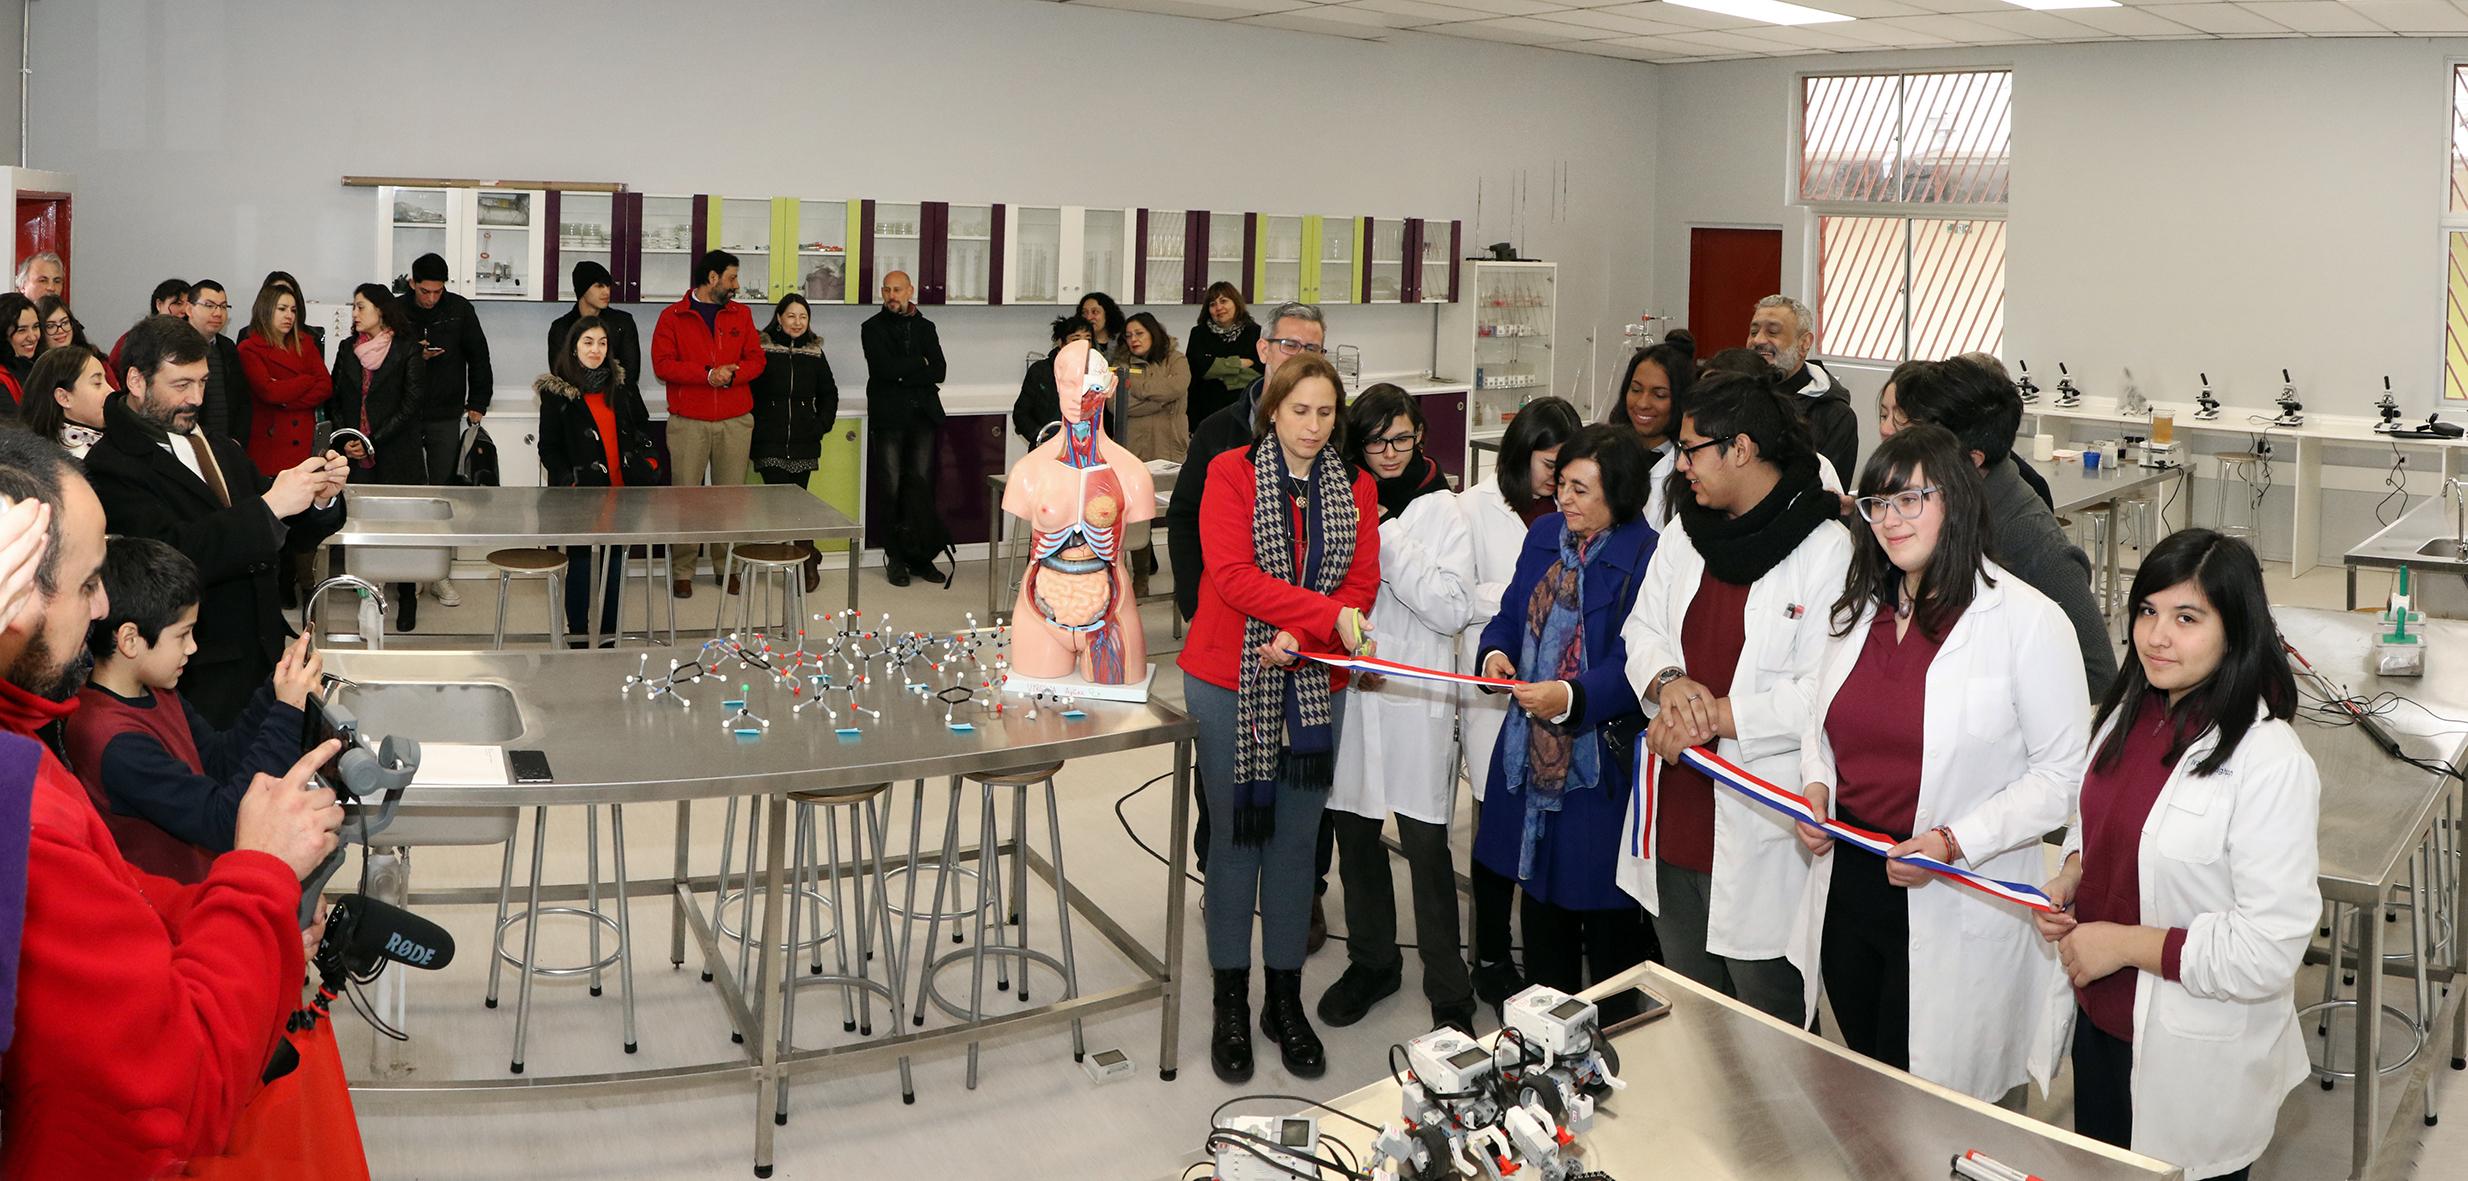 Laboratorio-de-Ciencias-Liceo-Antonio-Hermida-Fabres-15